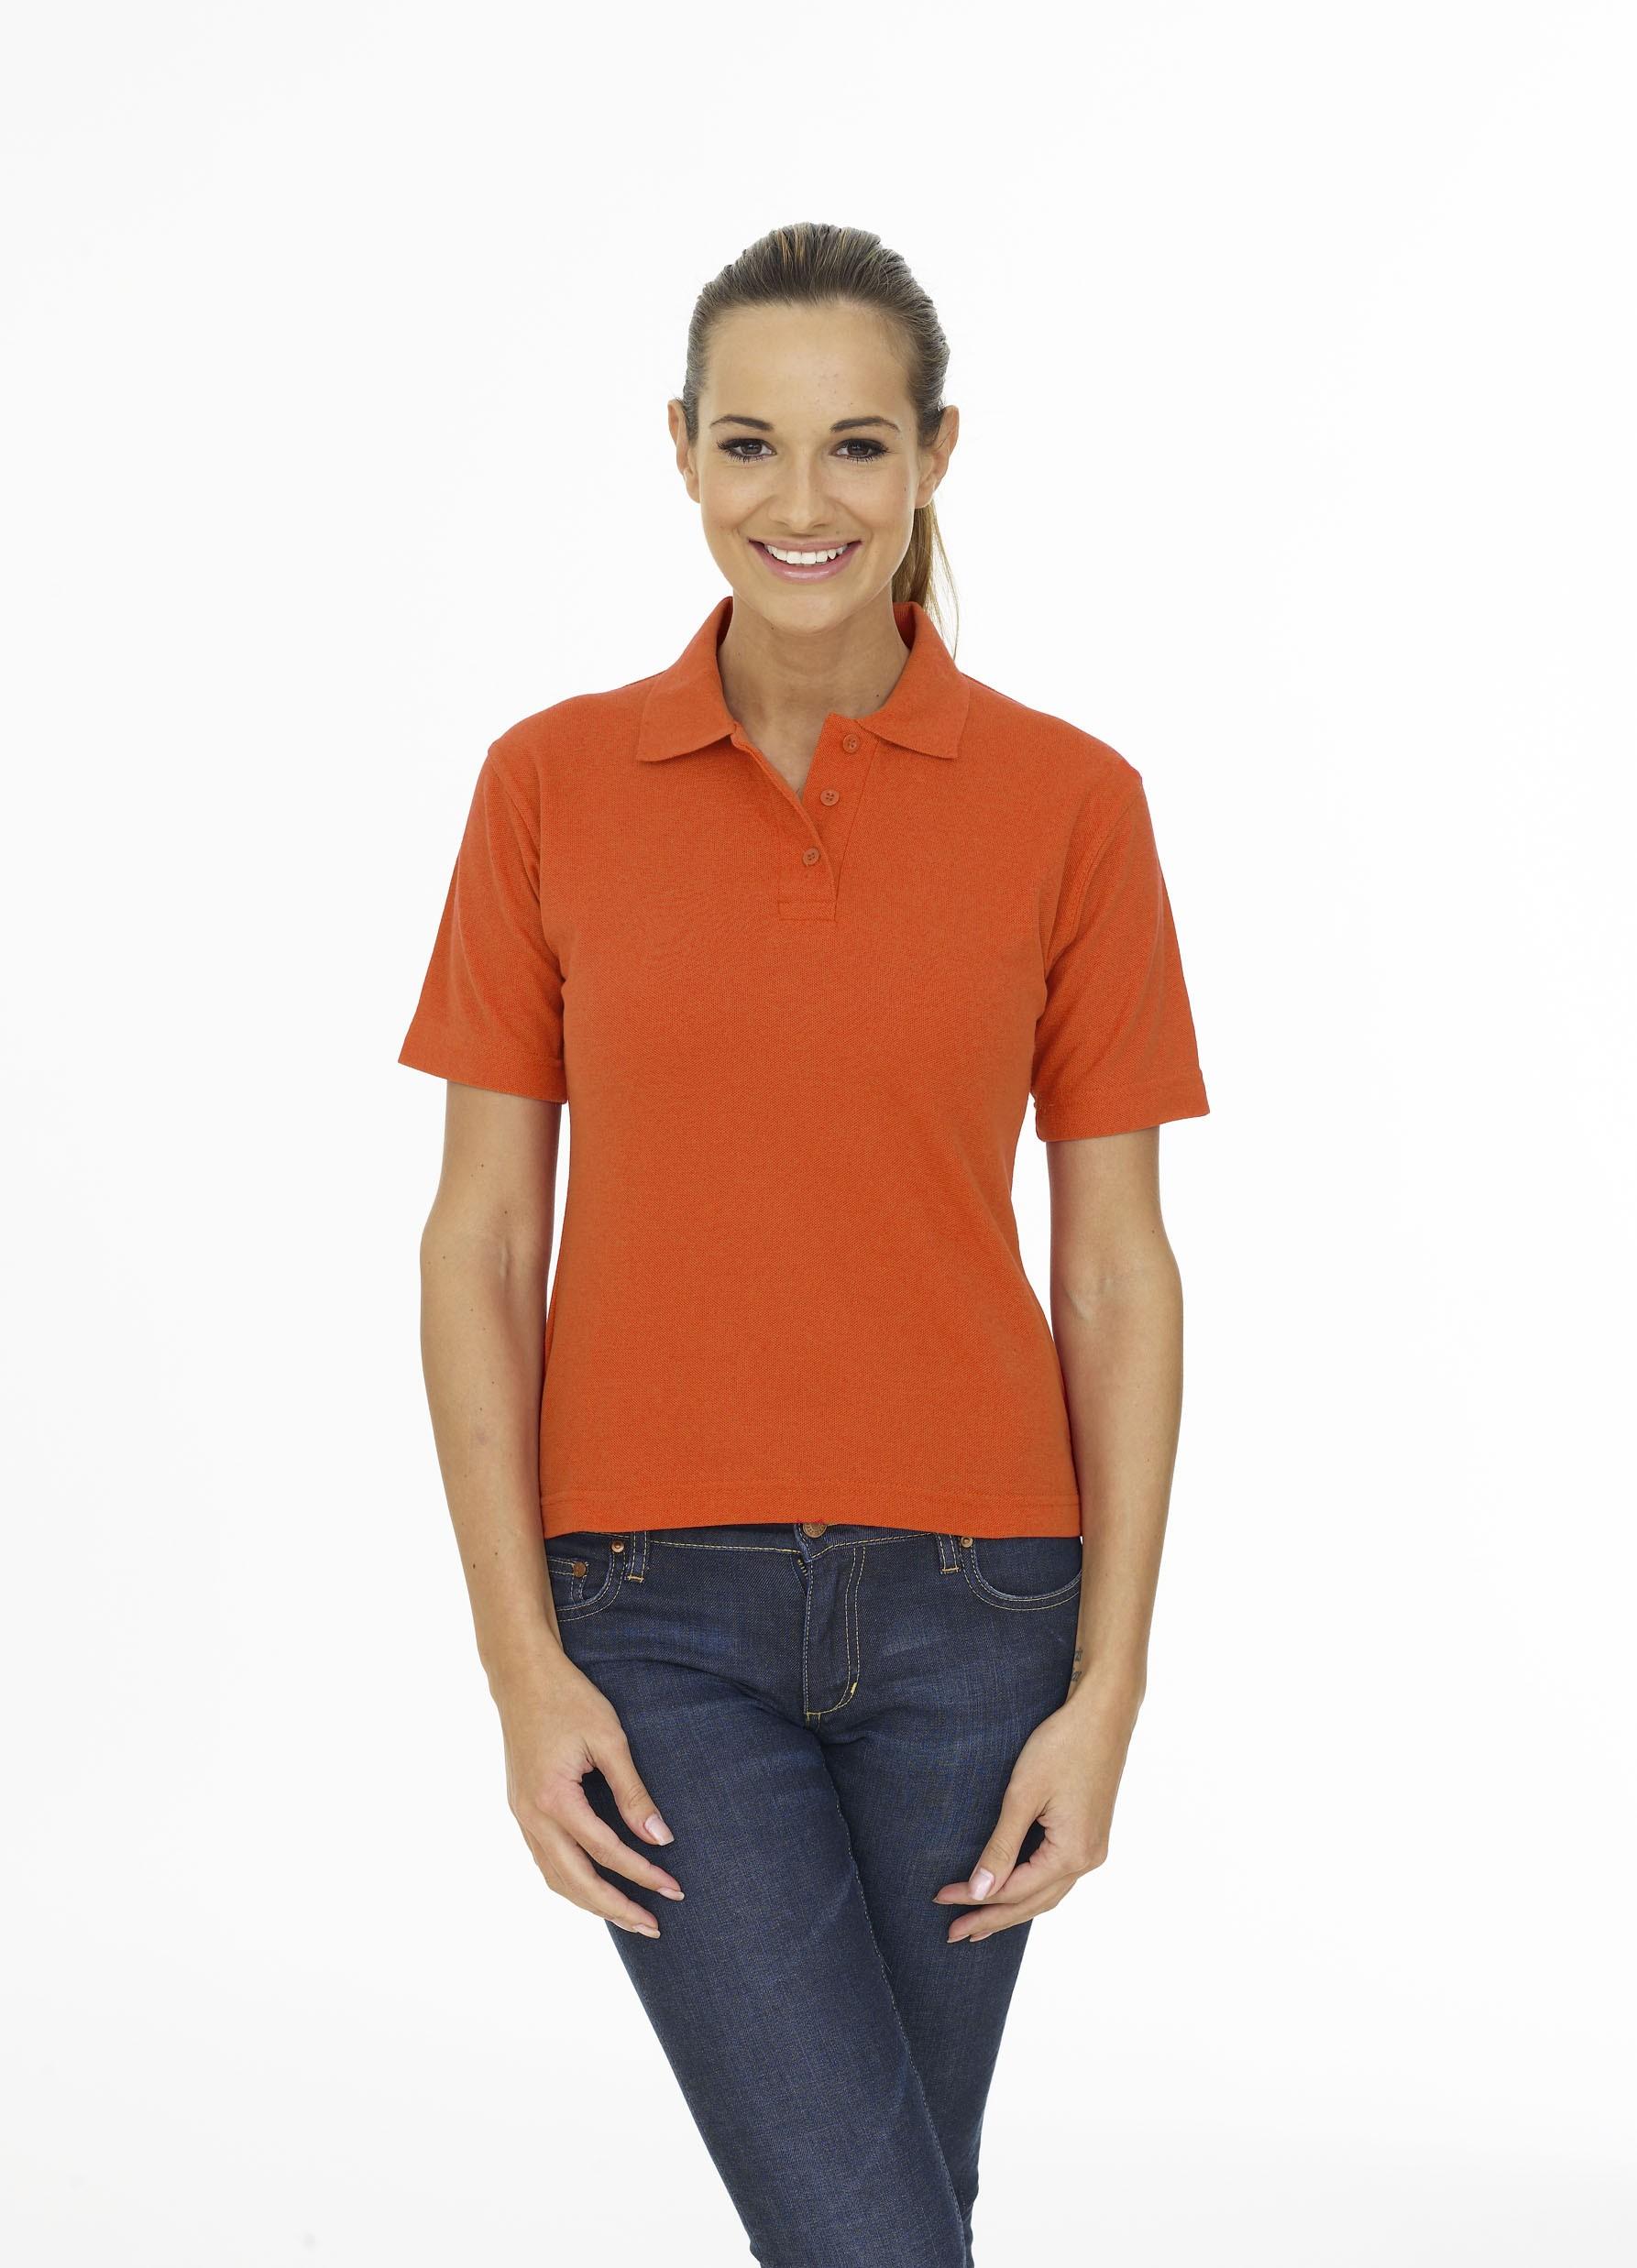 Women's Pique Polo Shirt